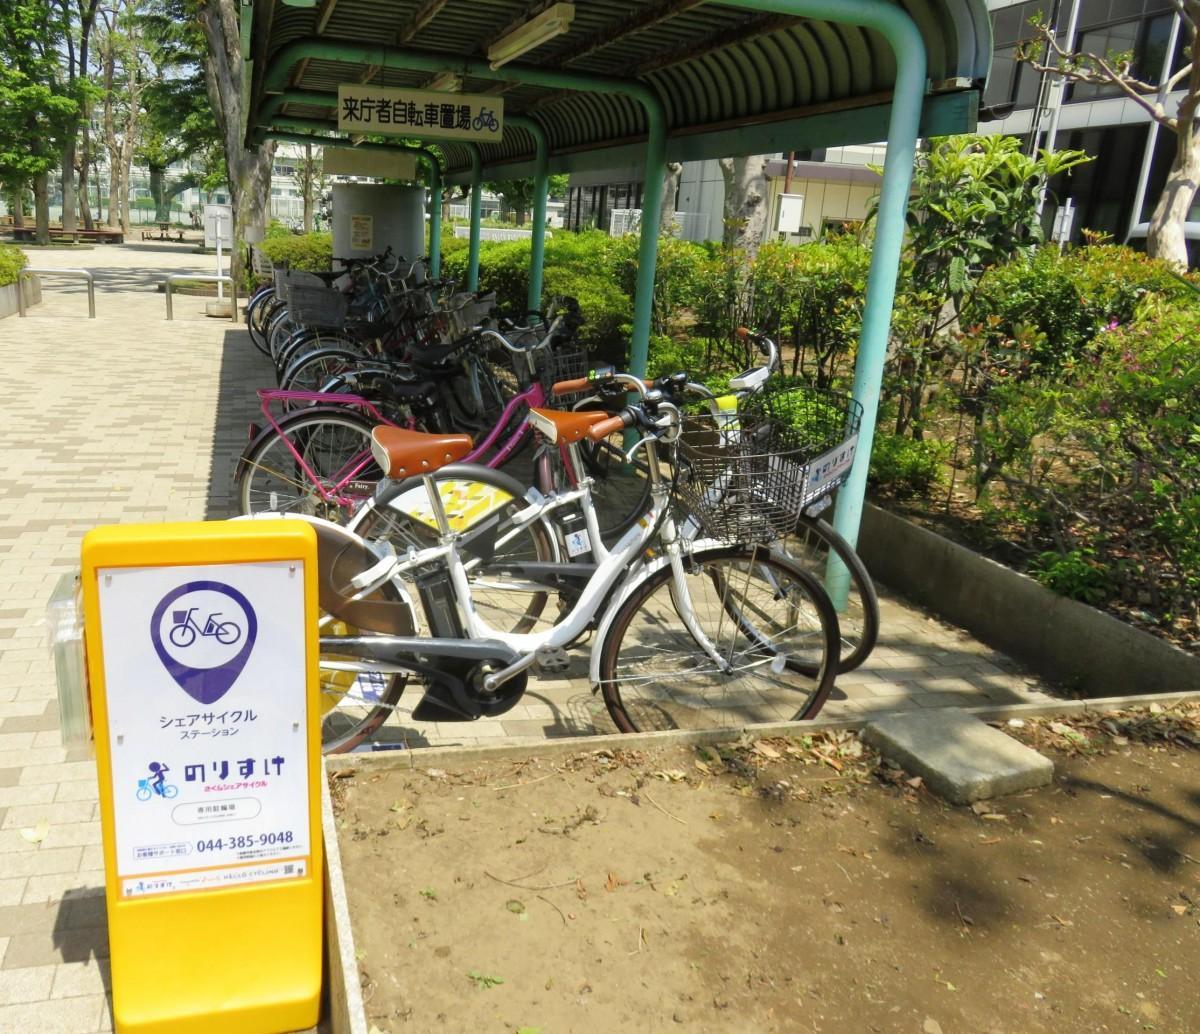 国立市役所ののりすけ駐輪ステーション 提供元:国立市